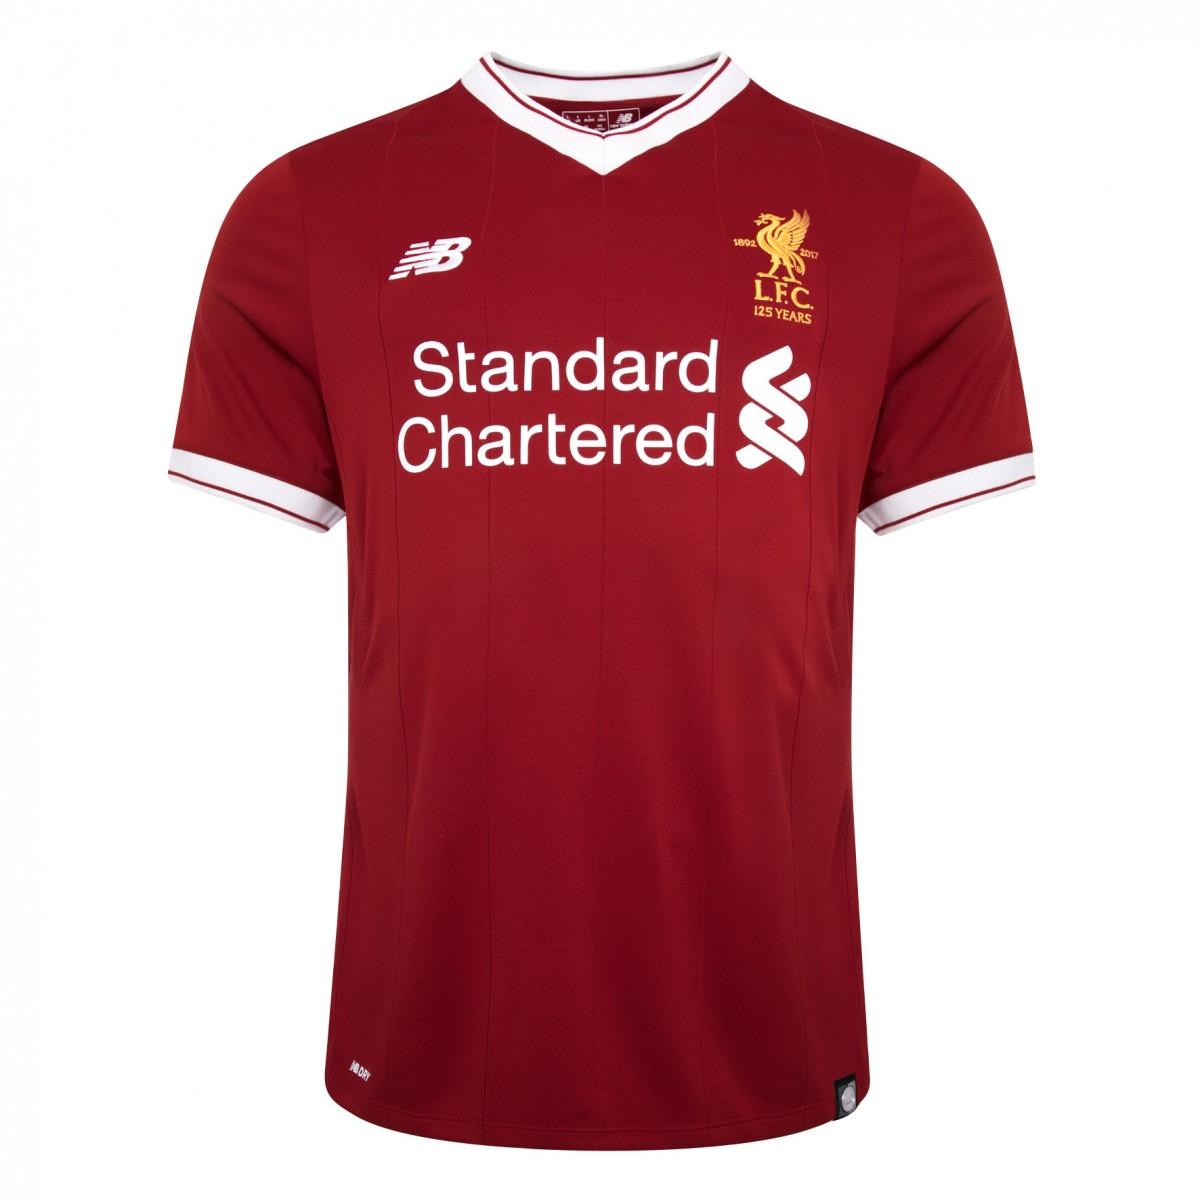 เสื้อลิเวอร์พูลทีมเหย้า 2017-2018 ออเธนติกอีไลน์เวอร์ชั่นนักเตะของแท้ Liverpool Mens Elite Home Shirt 2017 2018